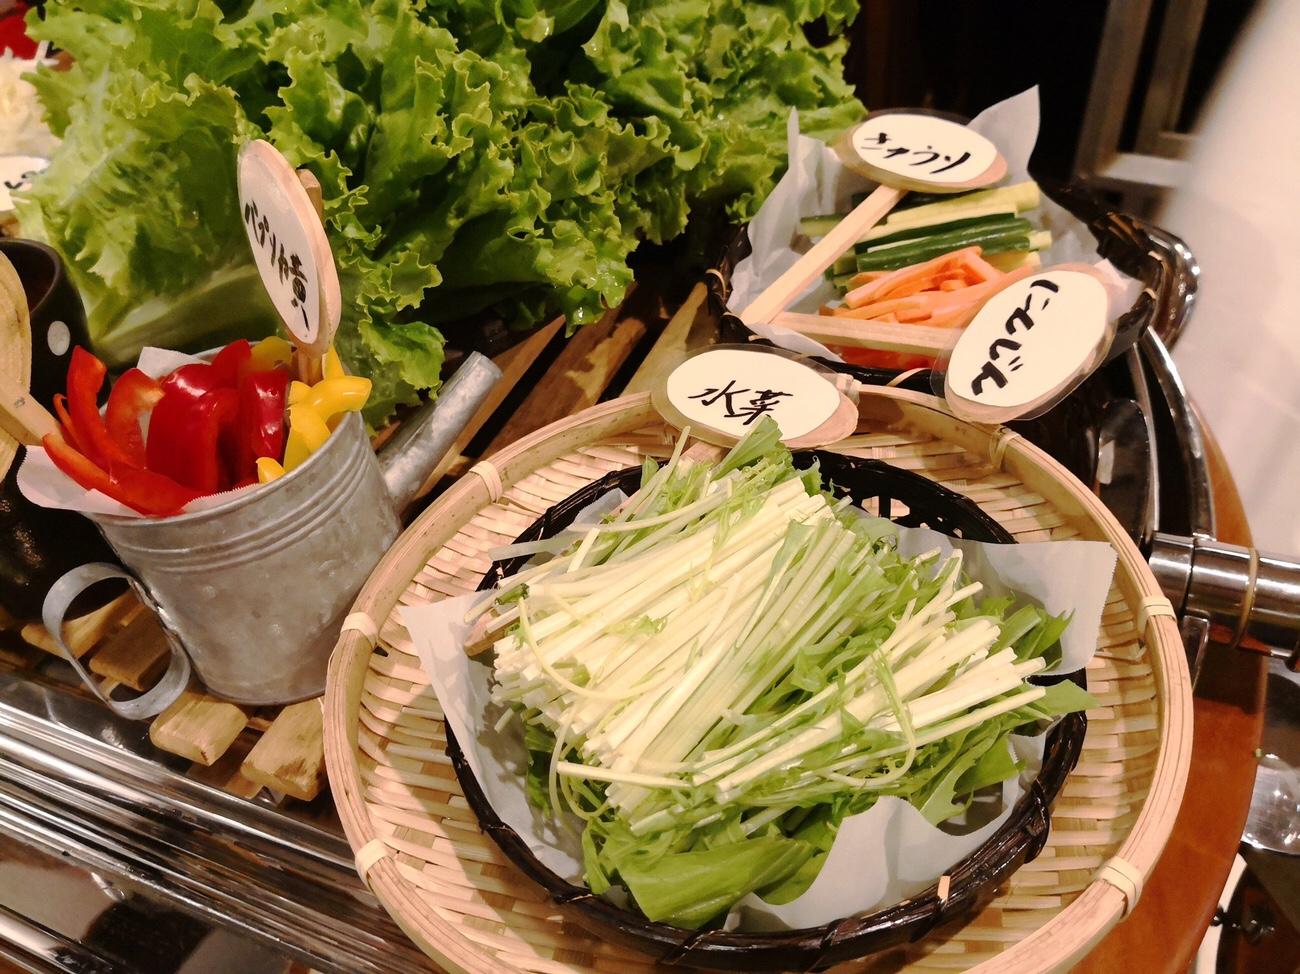 豚組しゃぶ庵 六本木 食べ放題の野菜